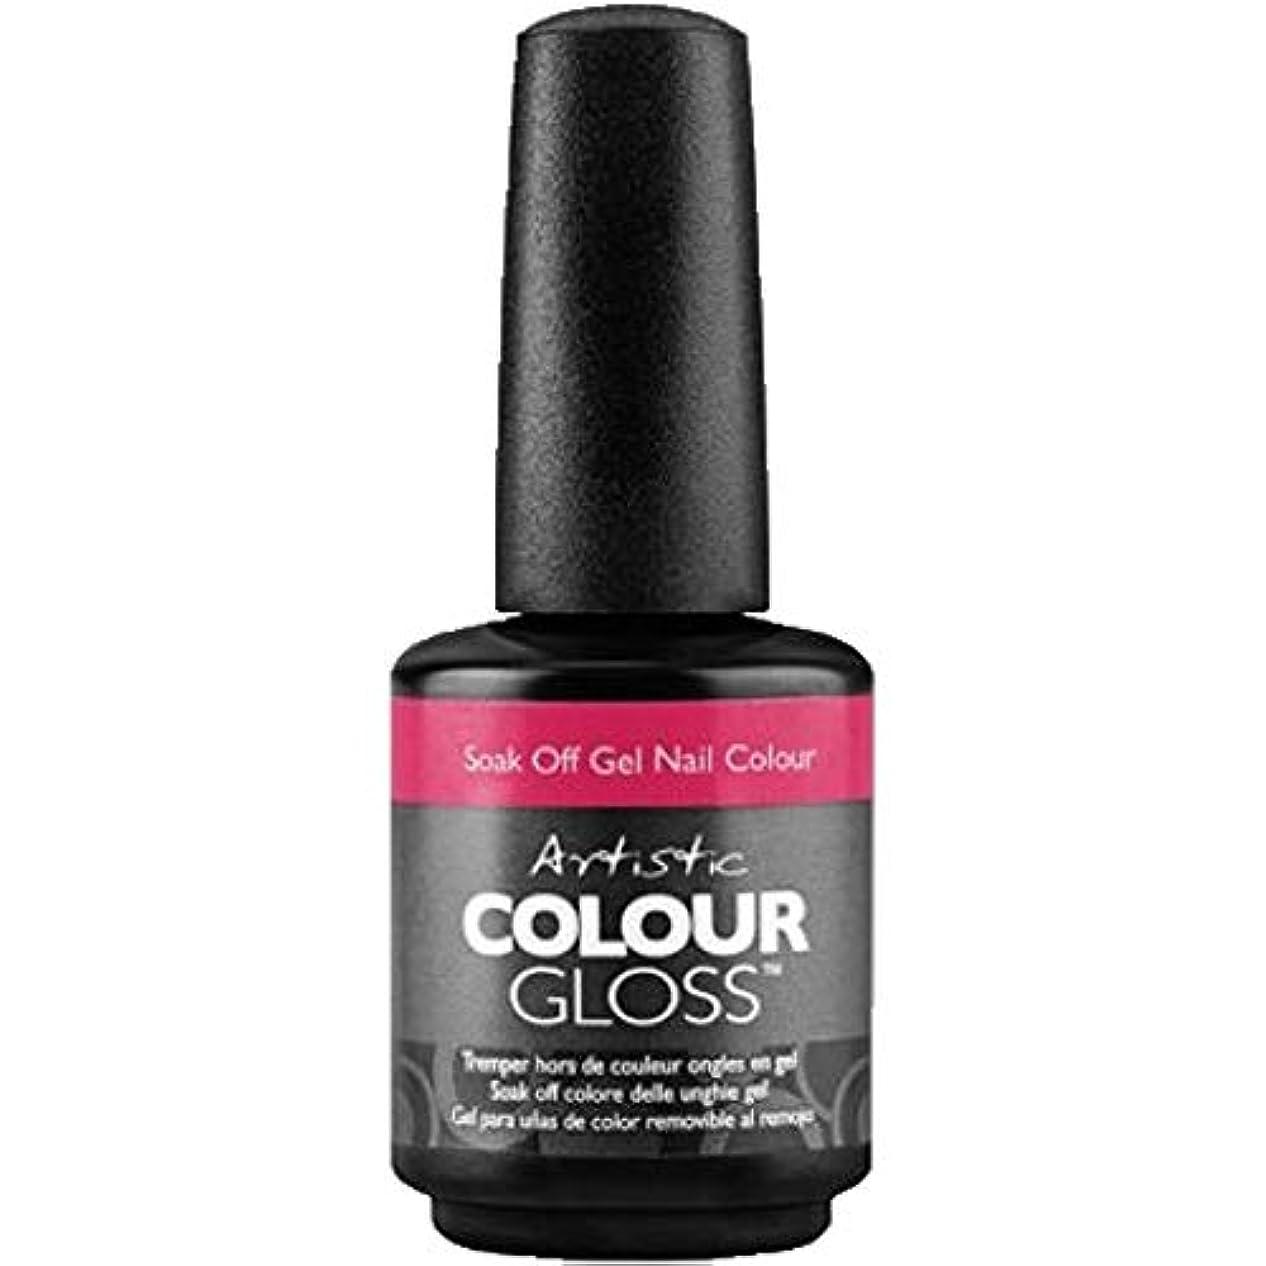 件名裁定池Artistic Colour Gloss - Get Your Own Man-i - 0.5oz / 15ml